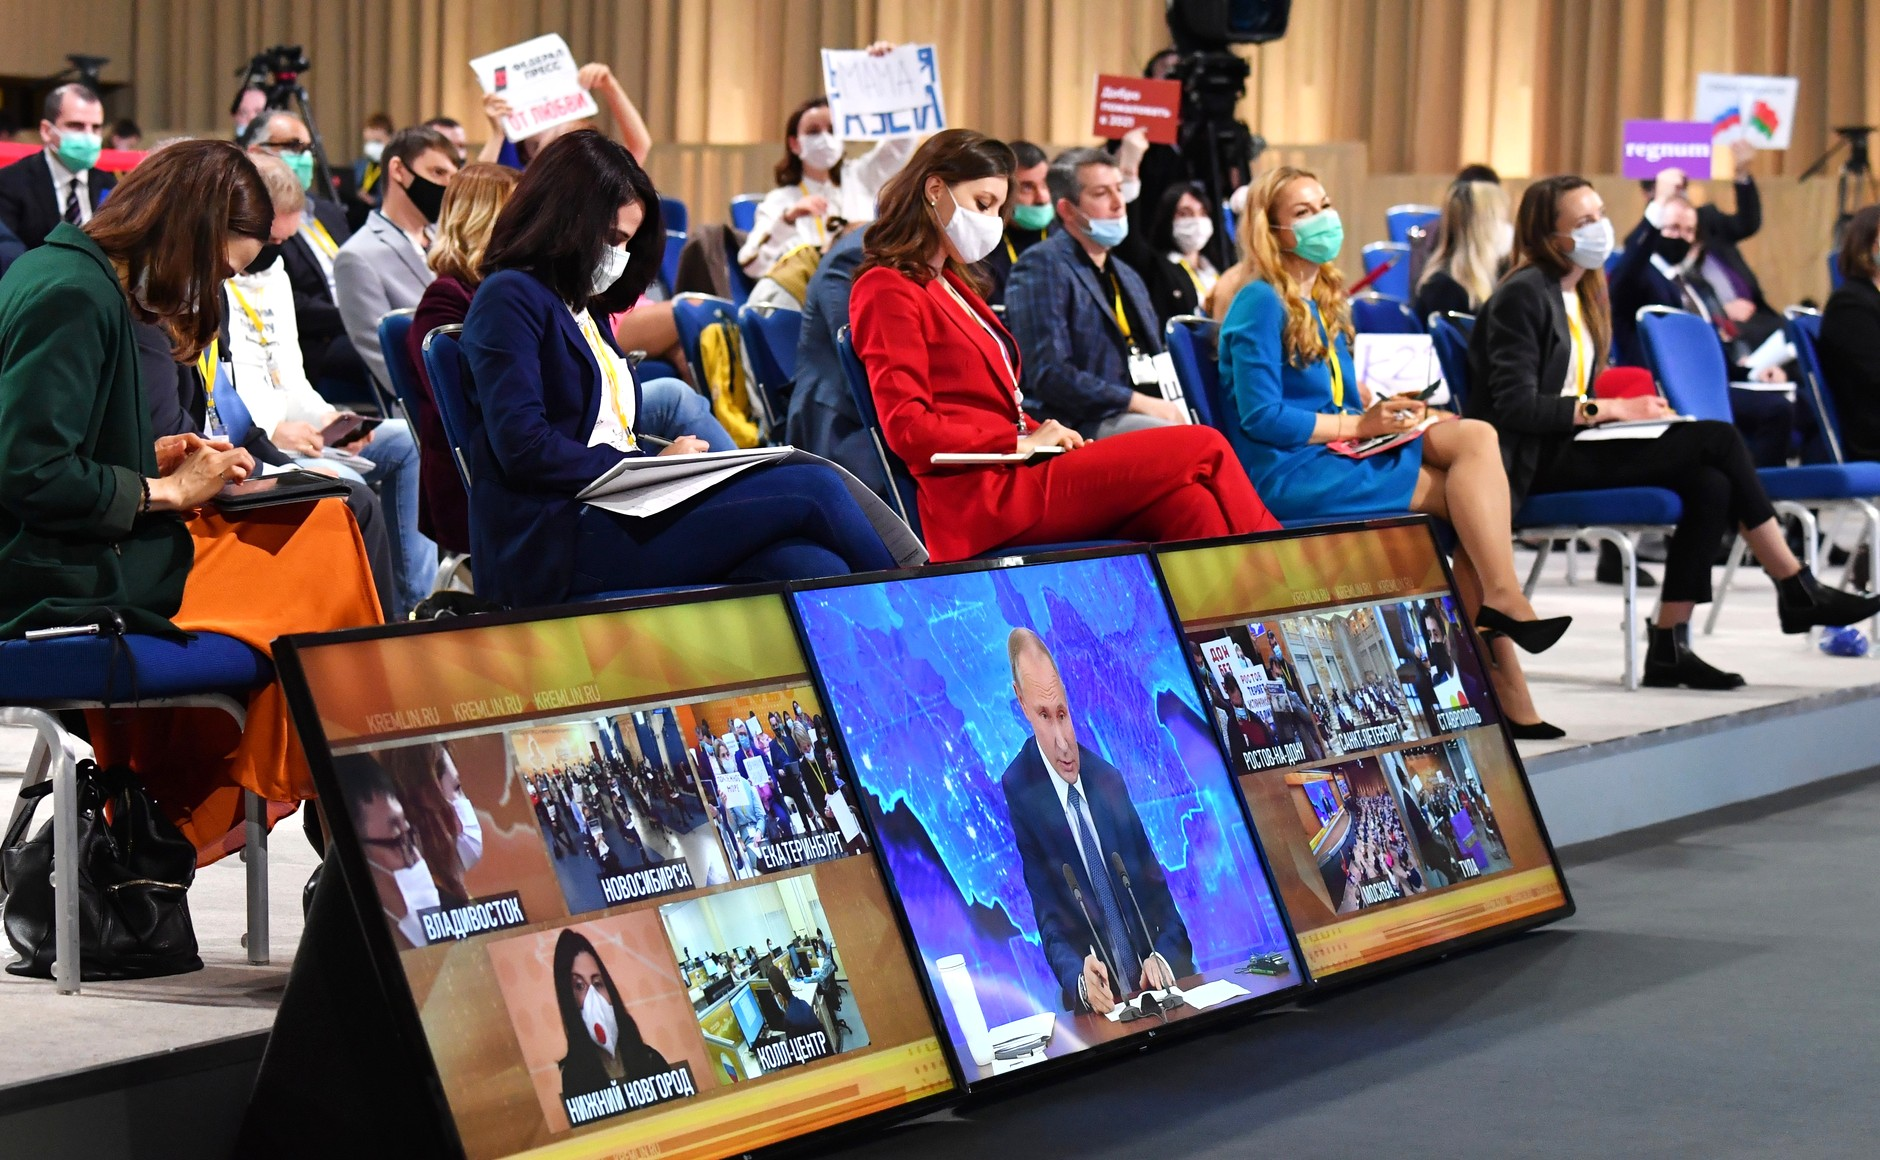 RUSSIE 17.12.2020.CONFERENCE 51 XX 66 Avant le début de la conférence de presse annuelle de Vladimir Poutine.